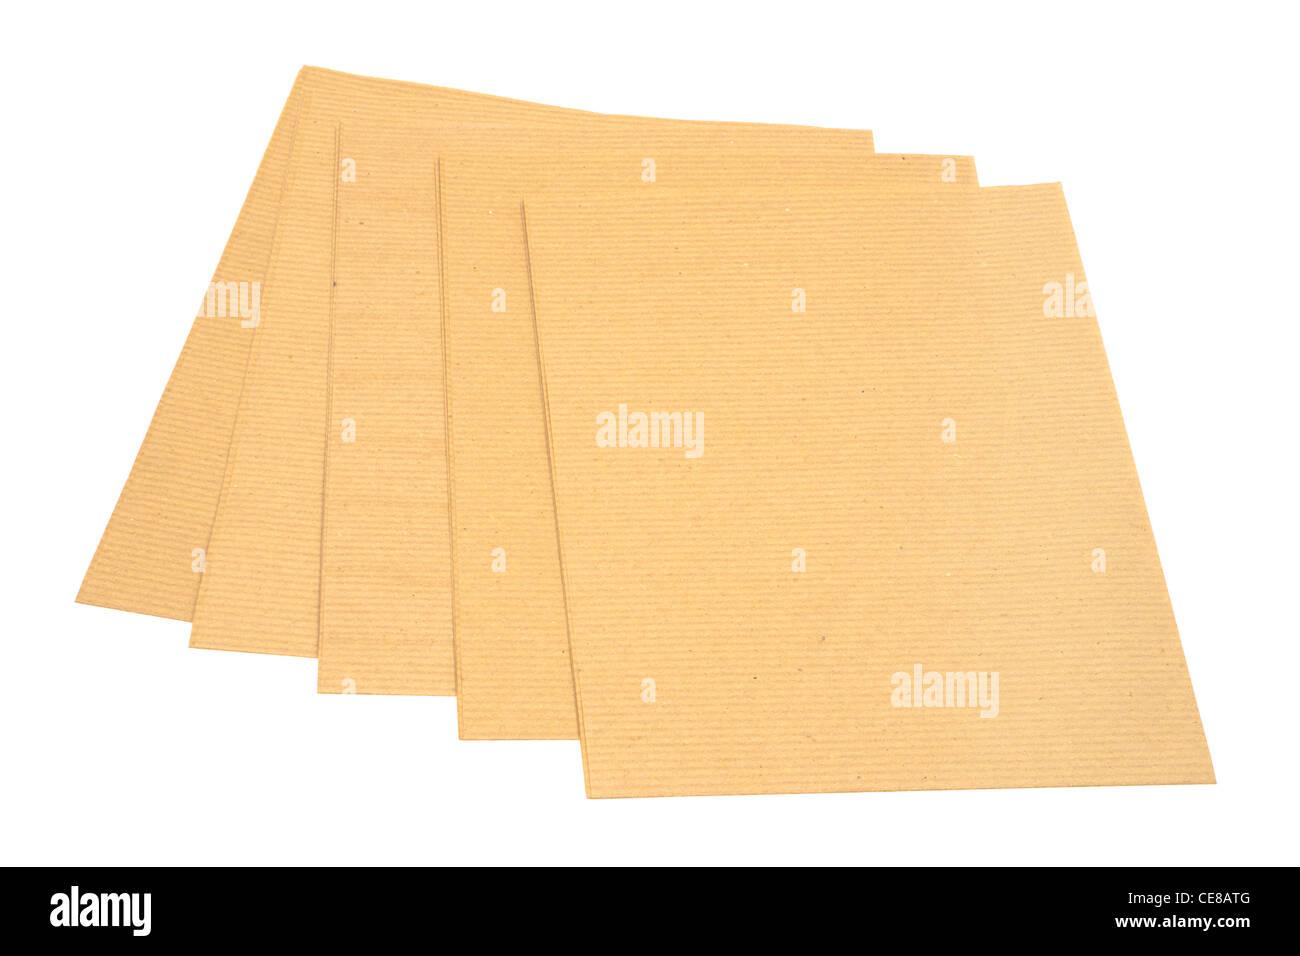 Cinq feuilles de papier d'emballage brun Photo Stock